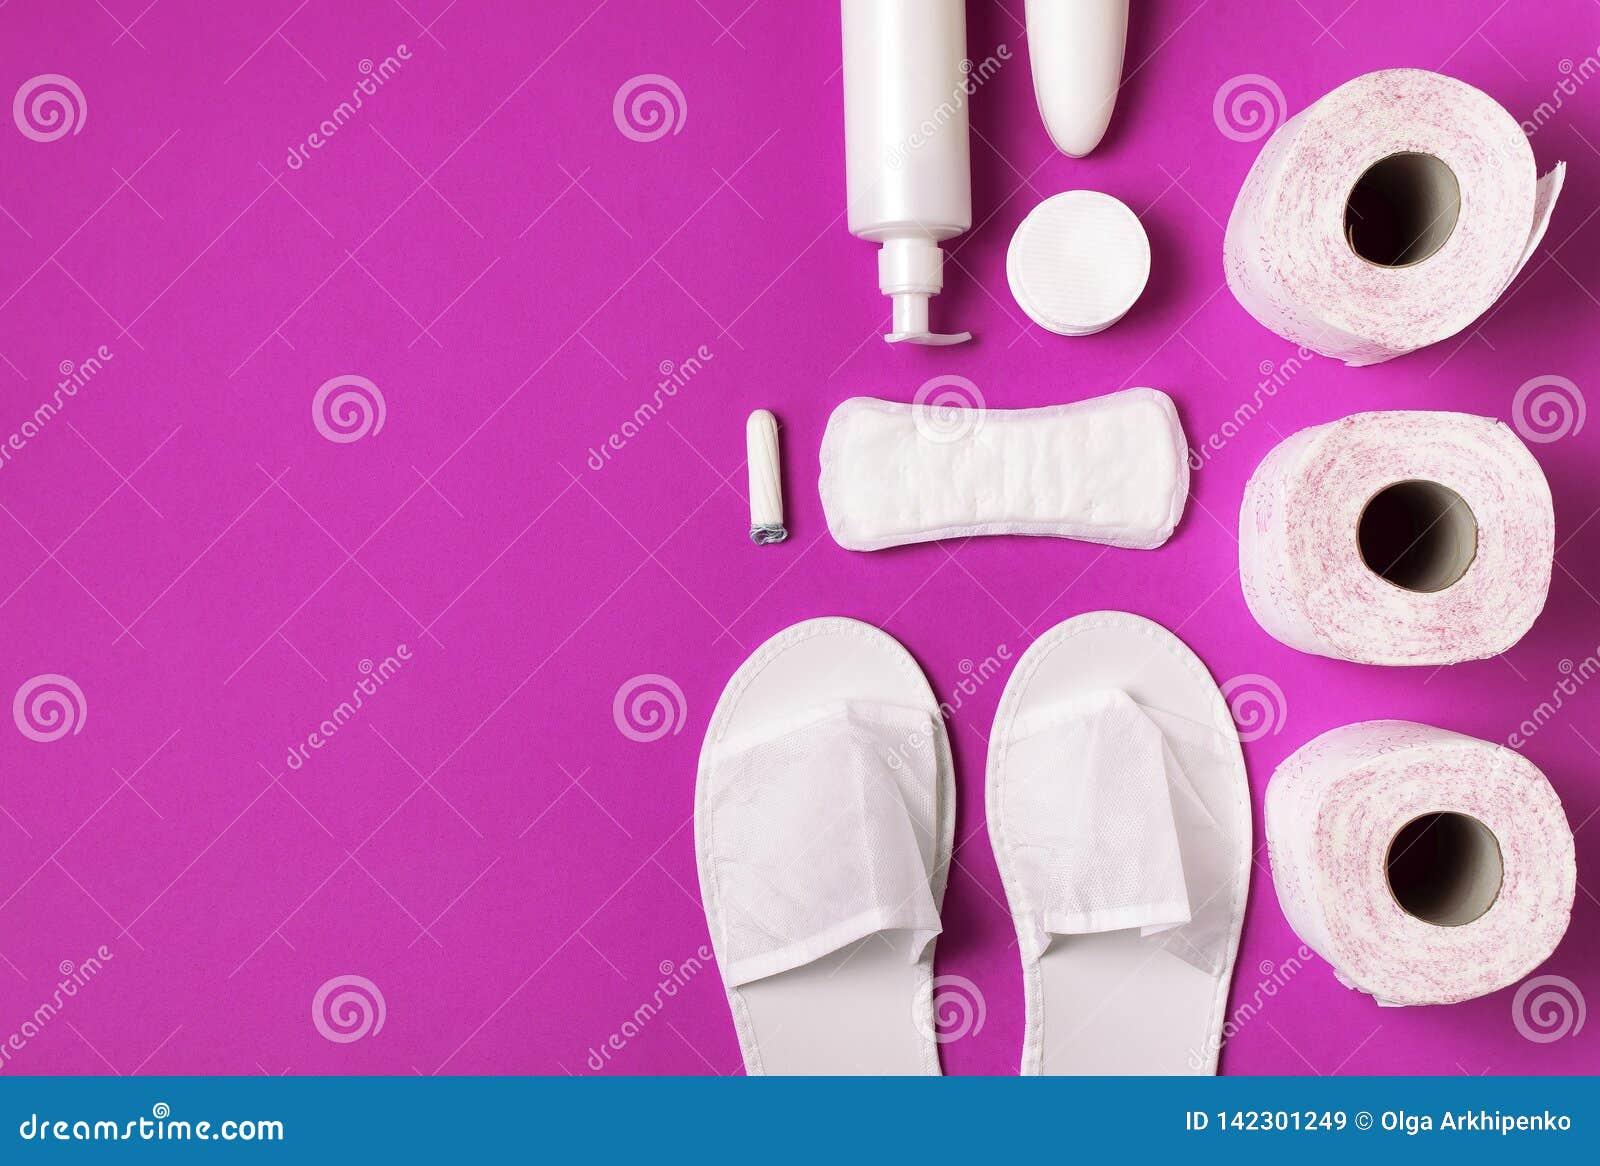 白色化妆拖鞋,卫生学项目,垫圈,棉塞,化装棉,在桃红色背景顶视图平的位置的手纸 化妆用品